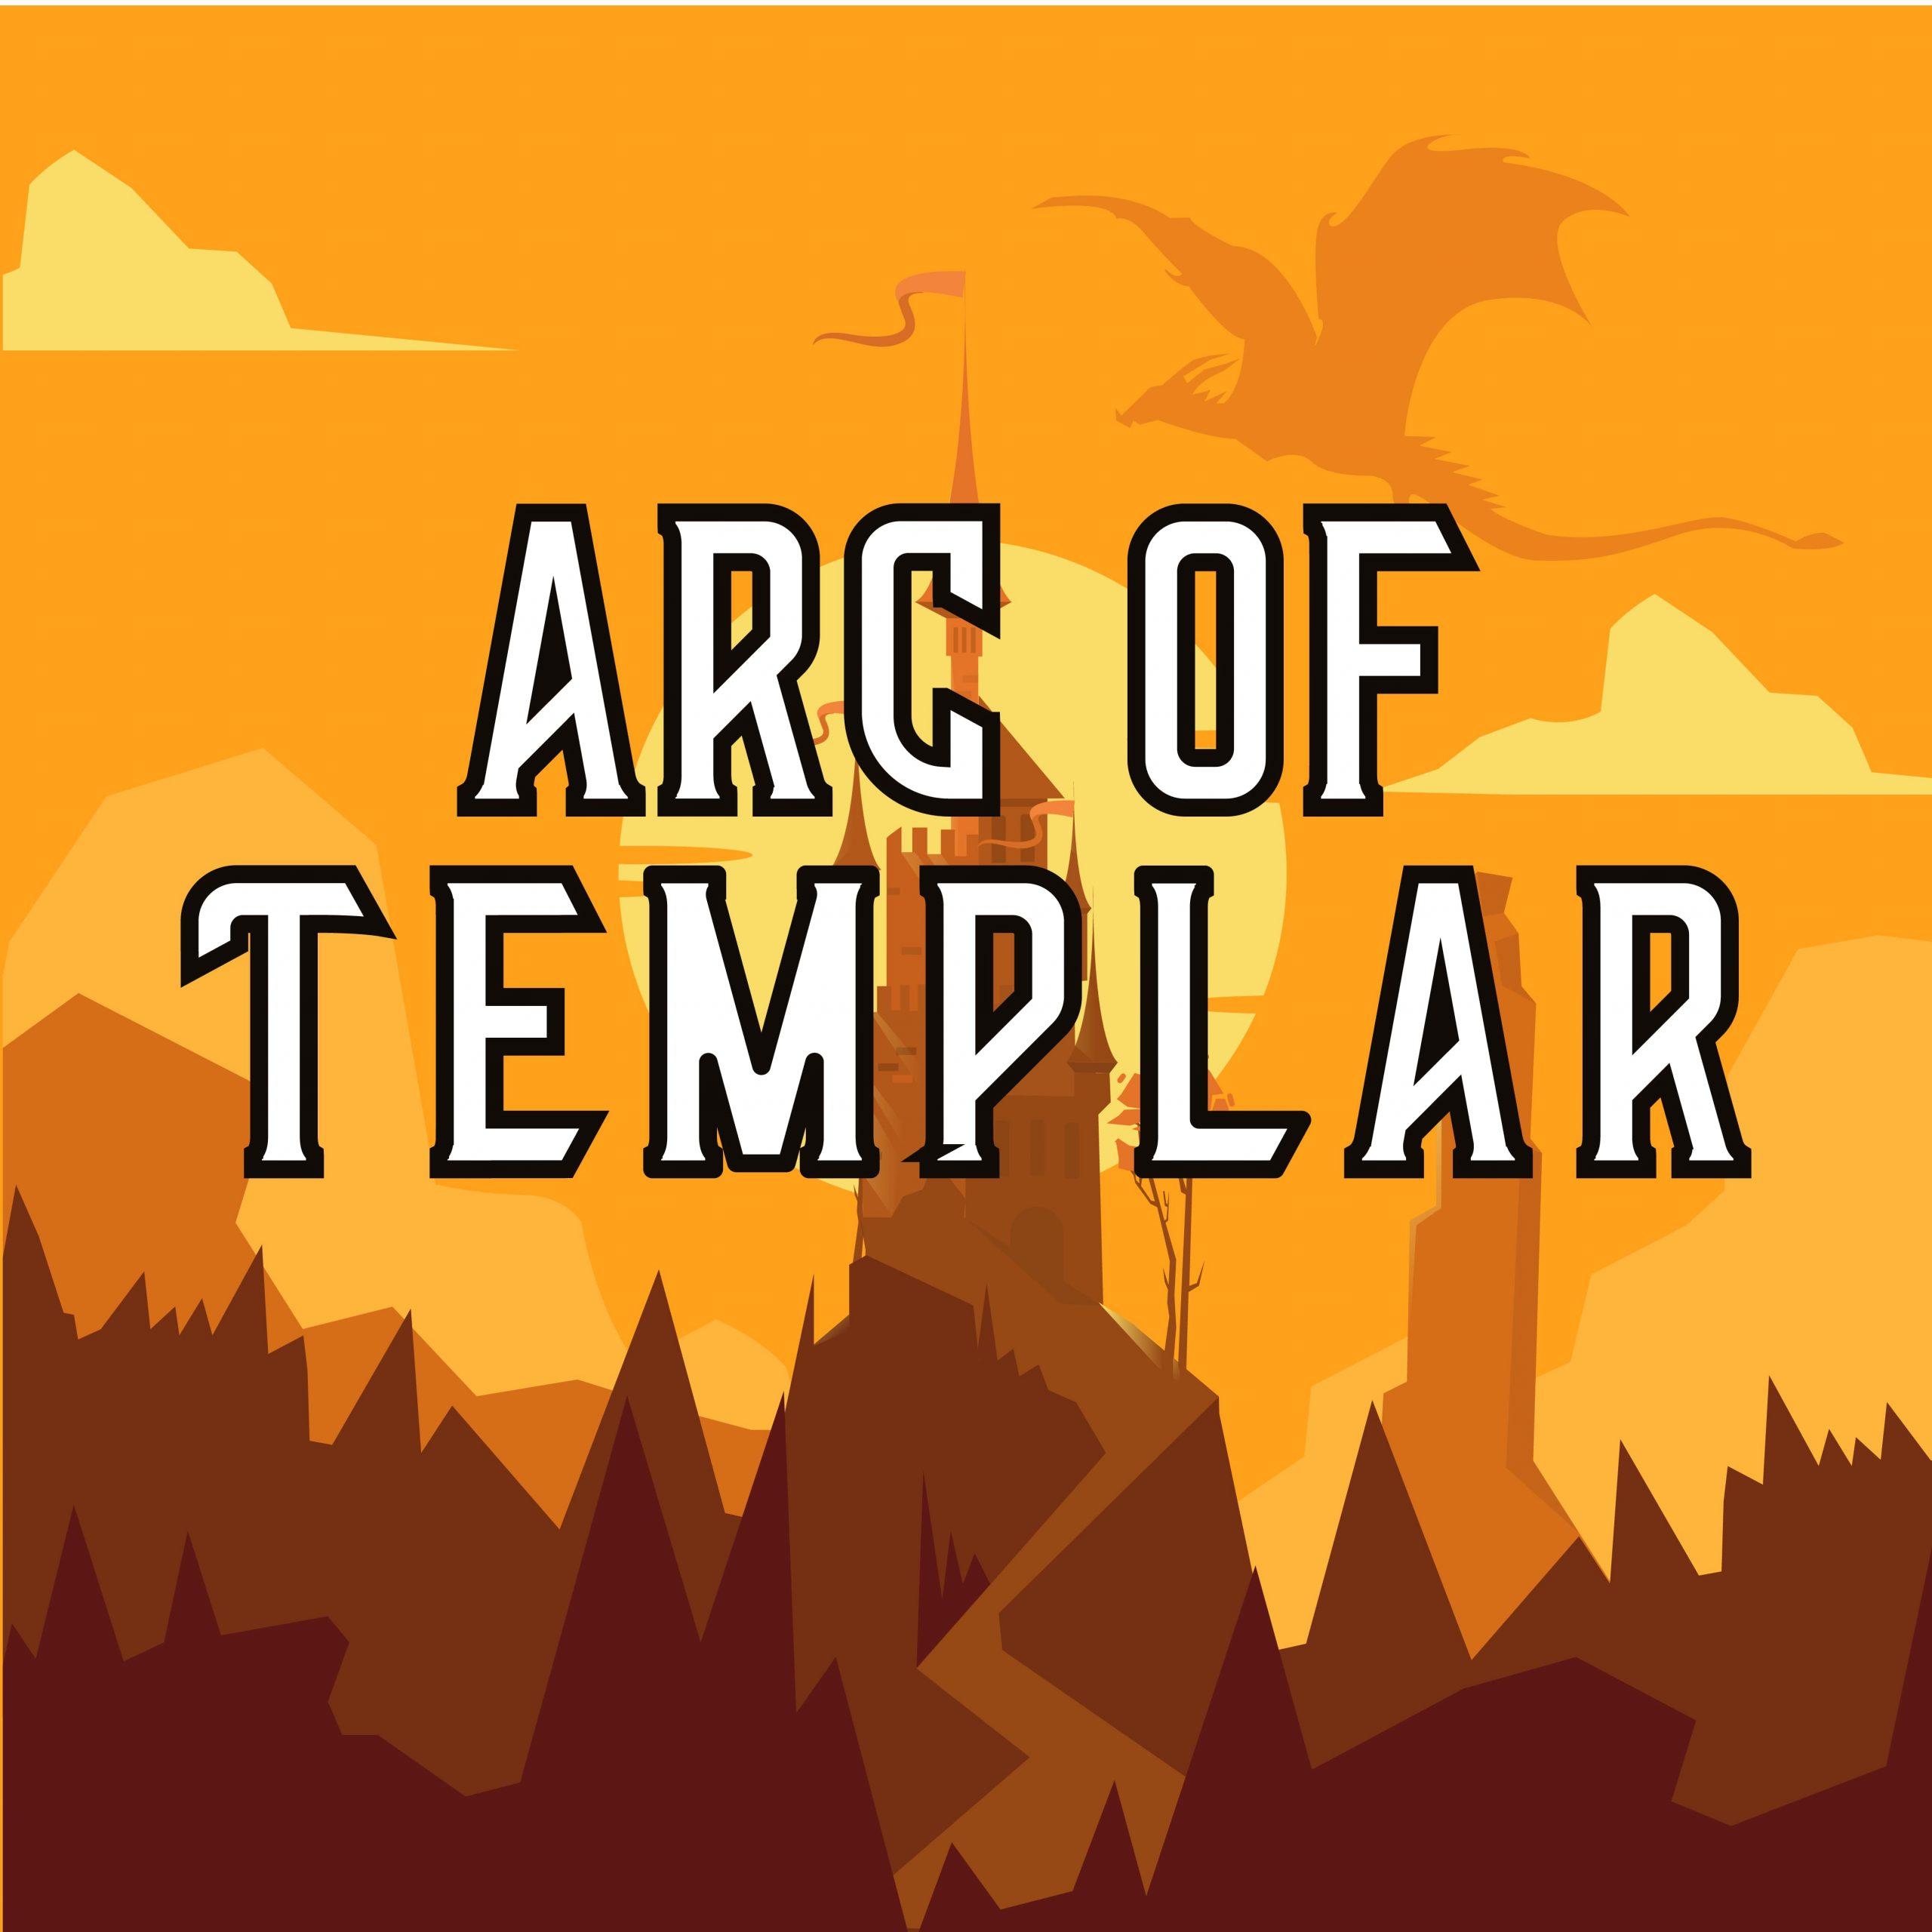 arc-of-templar